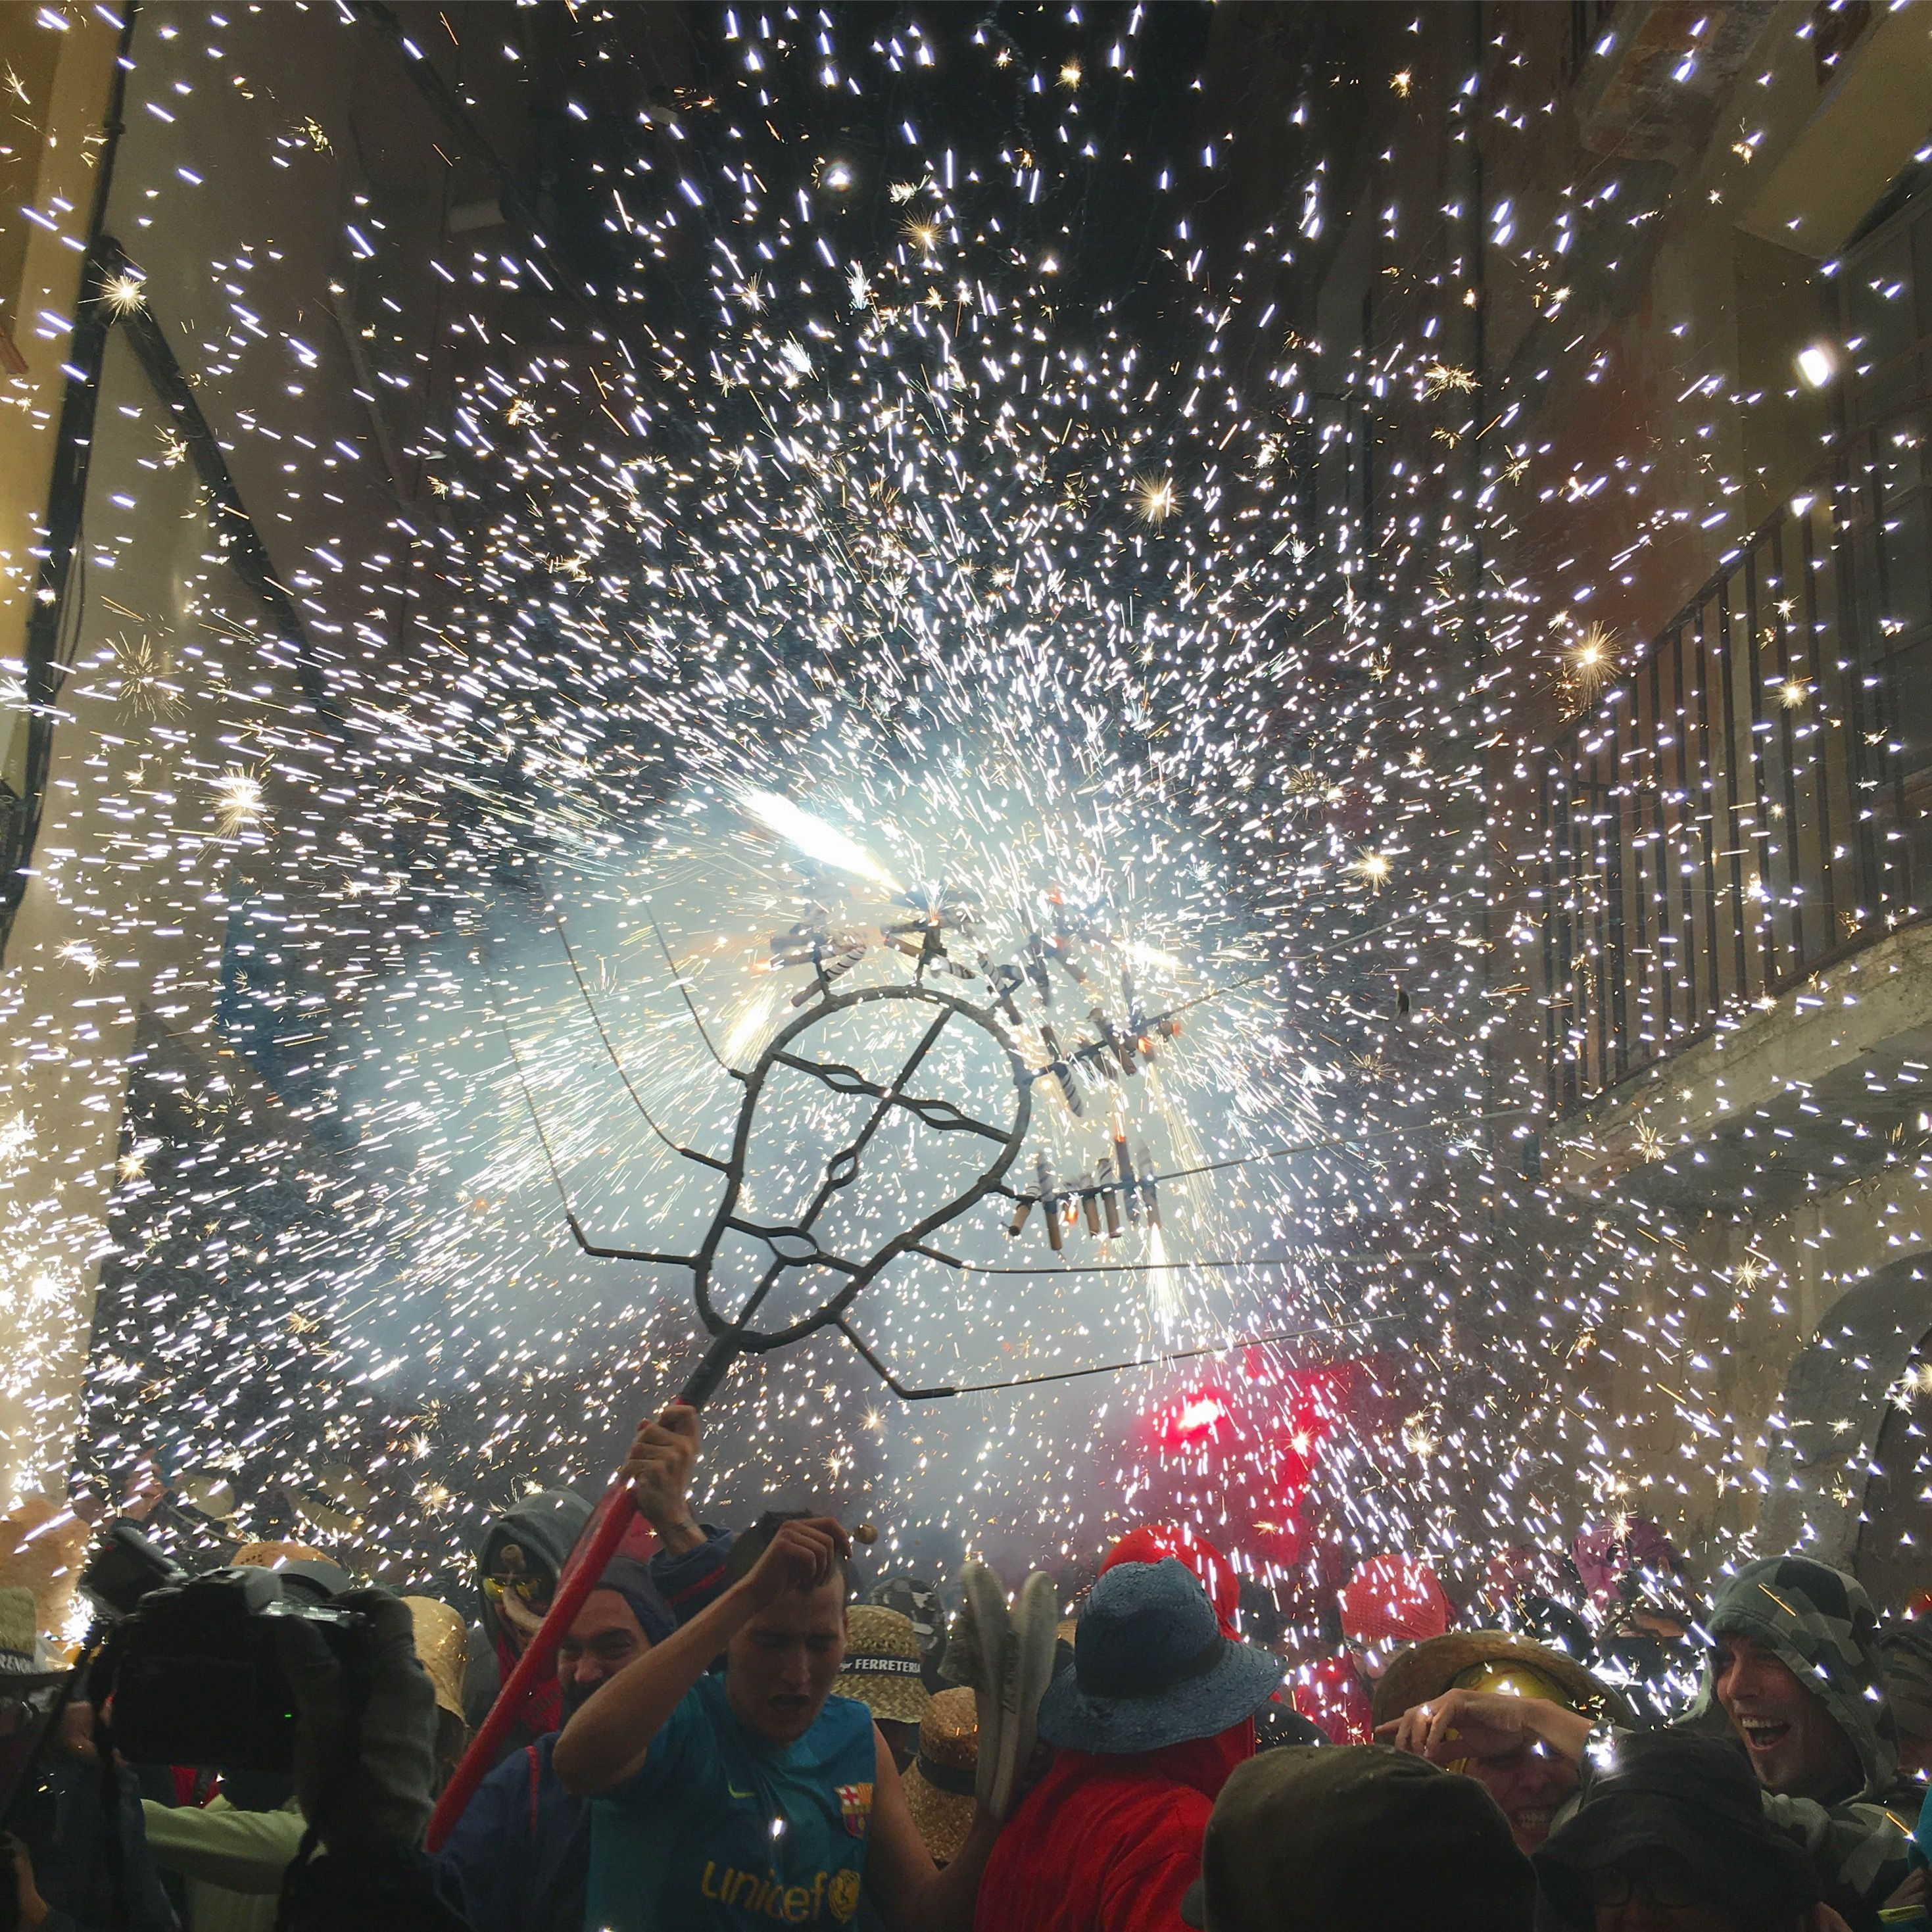 Correfoc de Sant Quintí de Mediona. Llúcifer. #culturapopular #catalunya #festesitradicions #diables